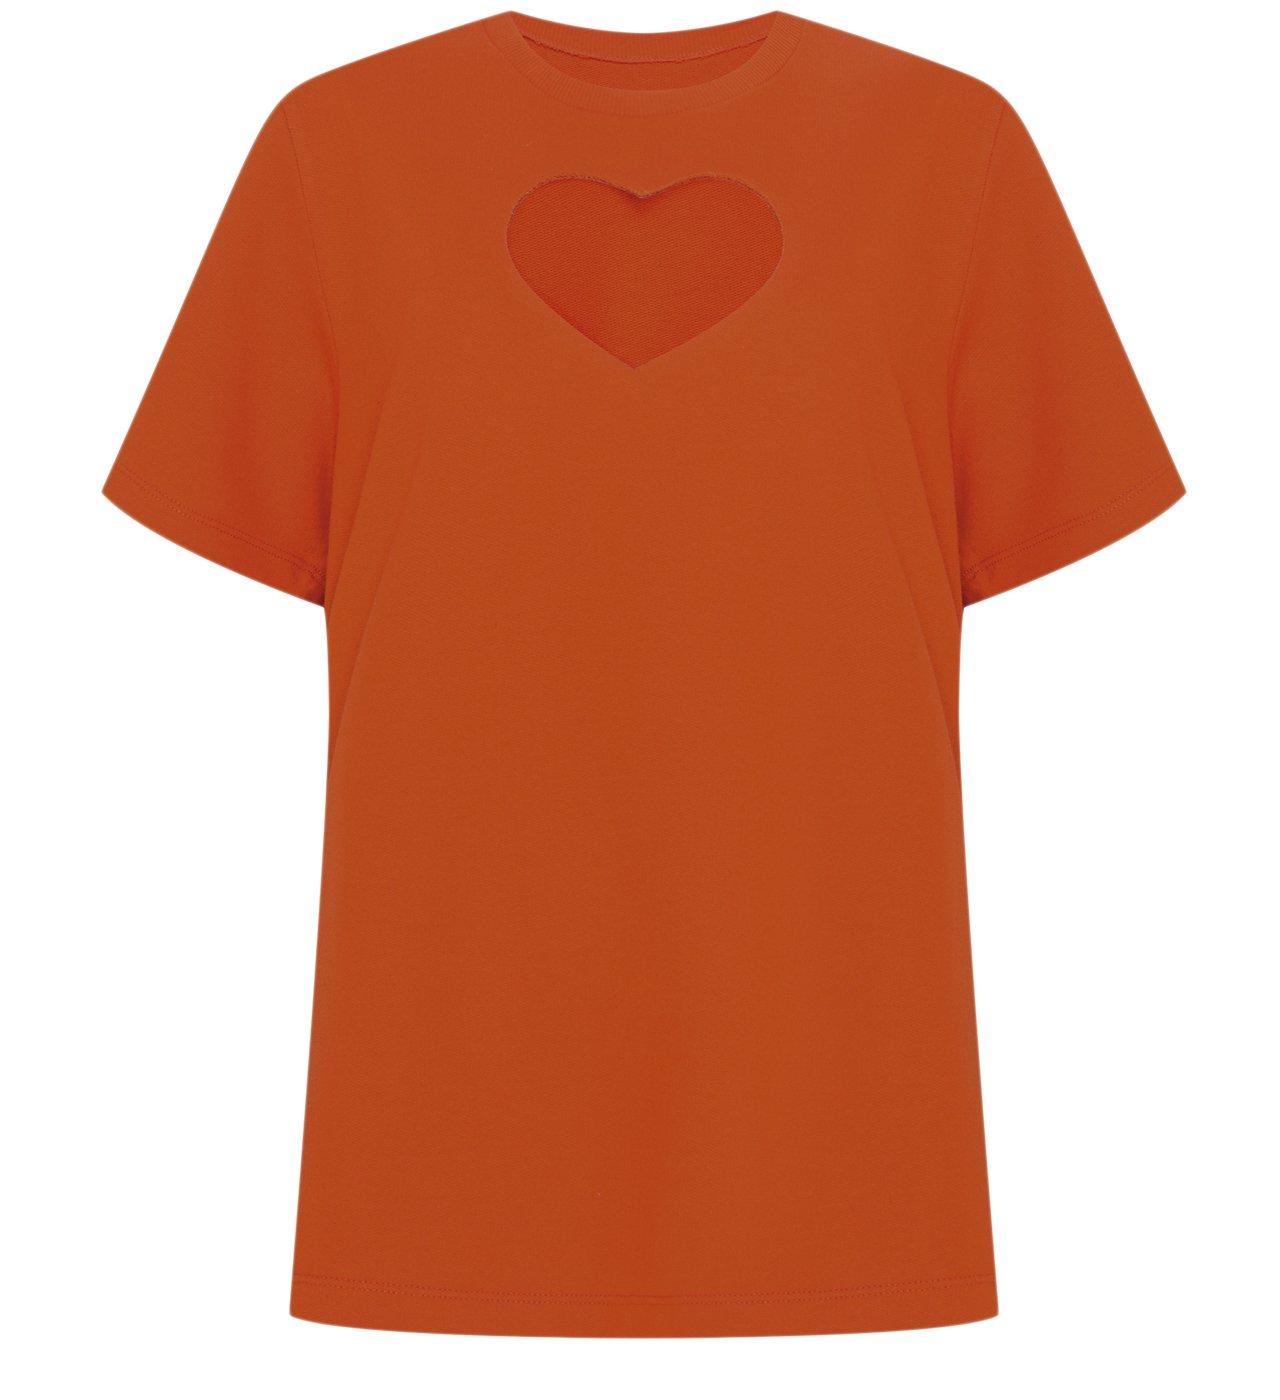 Ginger X Schutz T-Shirt Orange | Schutz